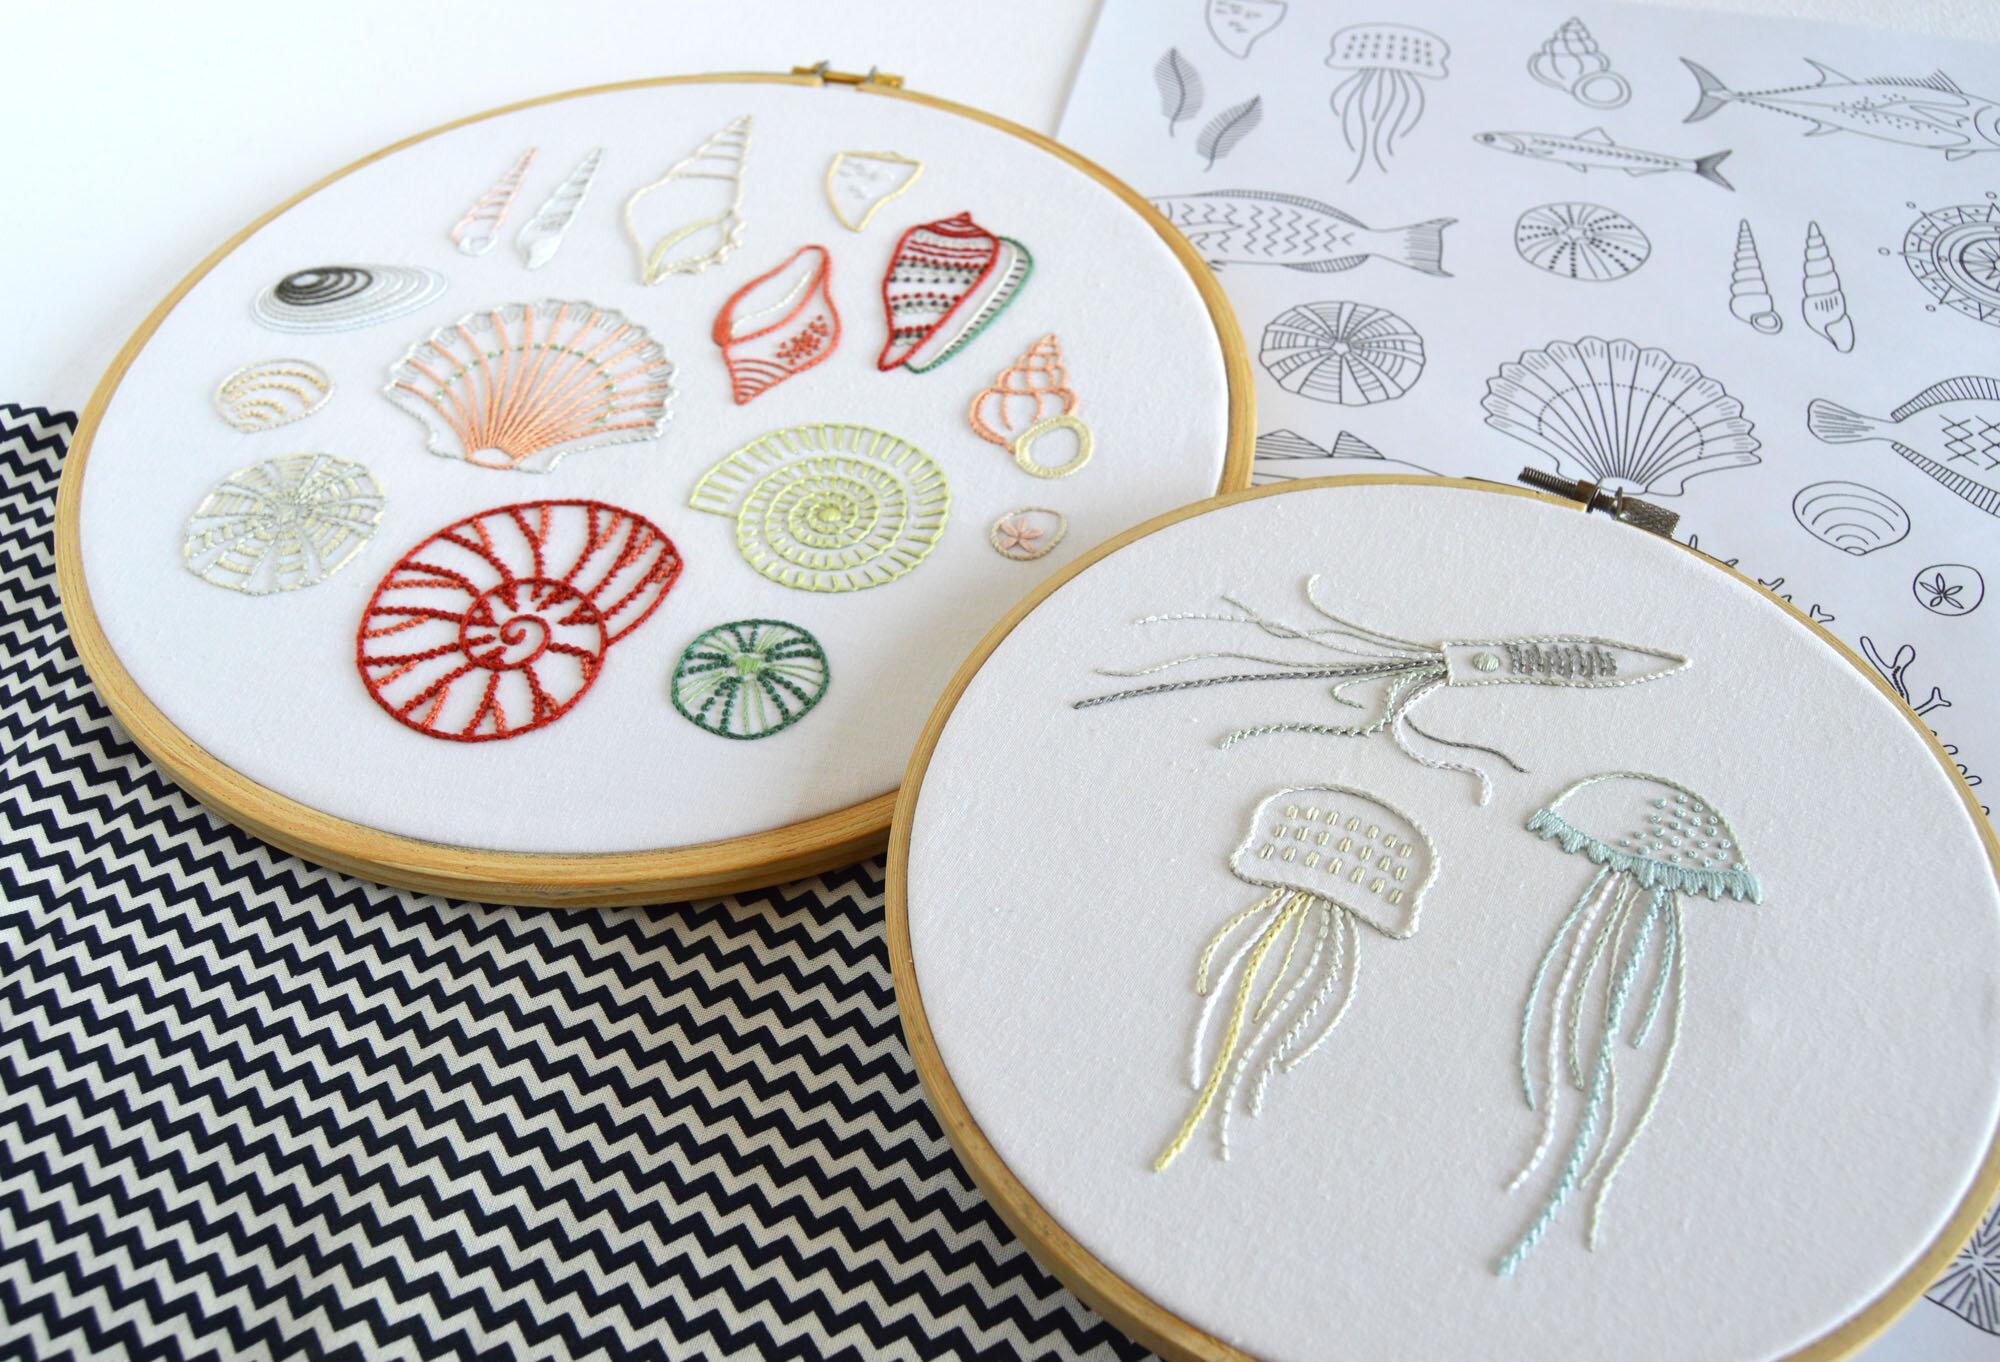 JellyfishShells1_KellyFletcher.jpg